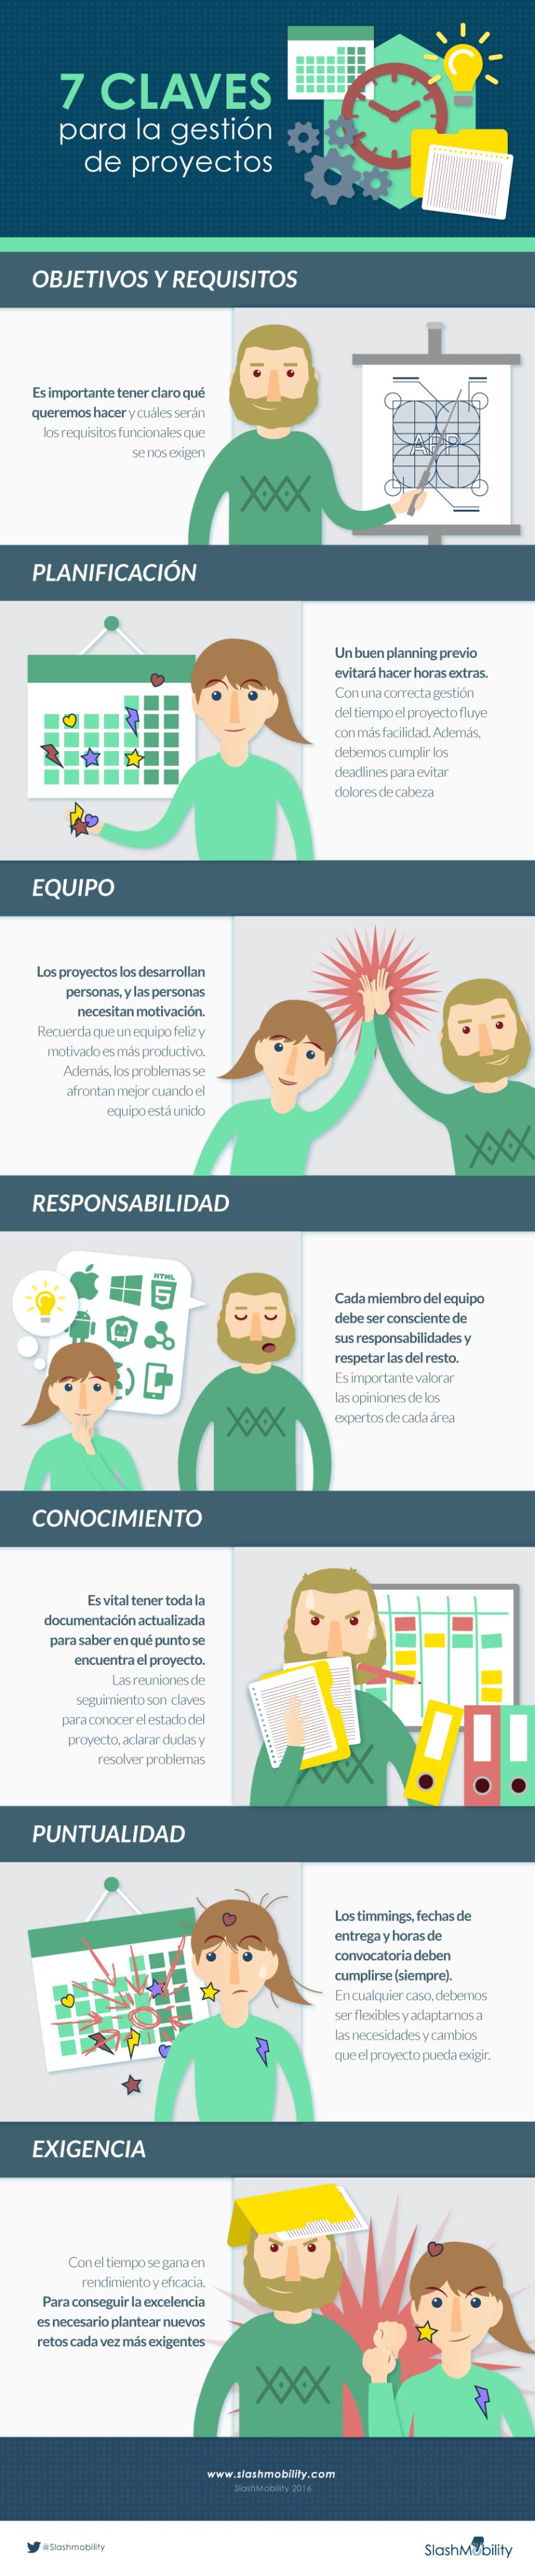 Infografía_claves_para_gestión_de_proyectos